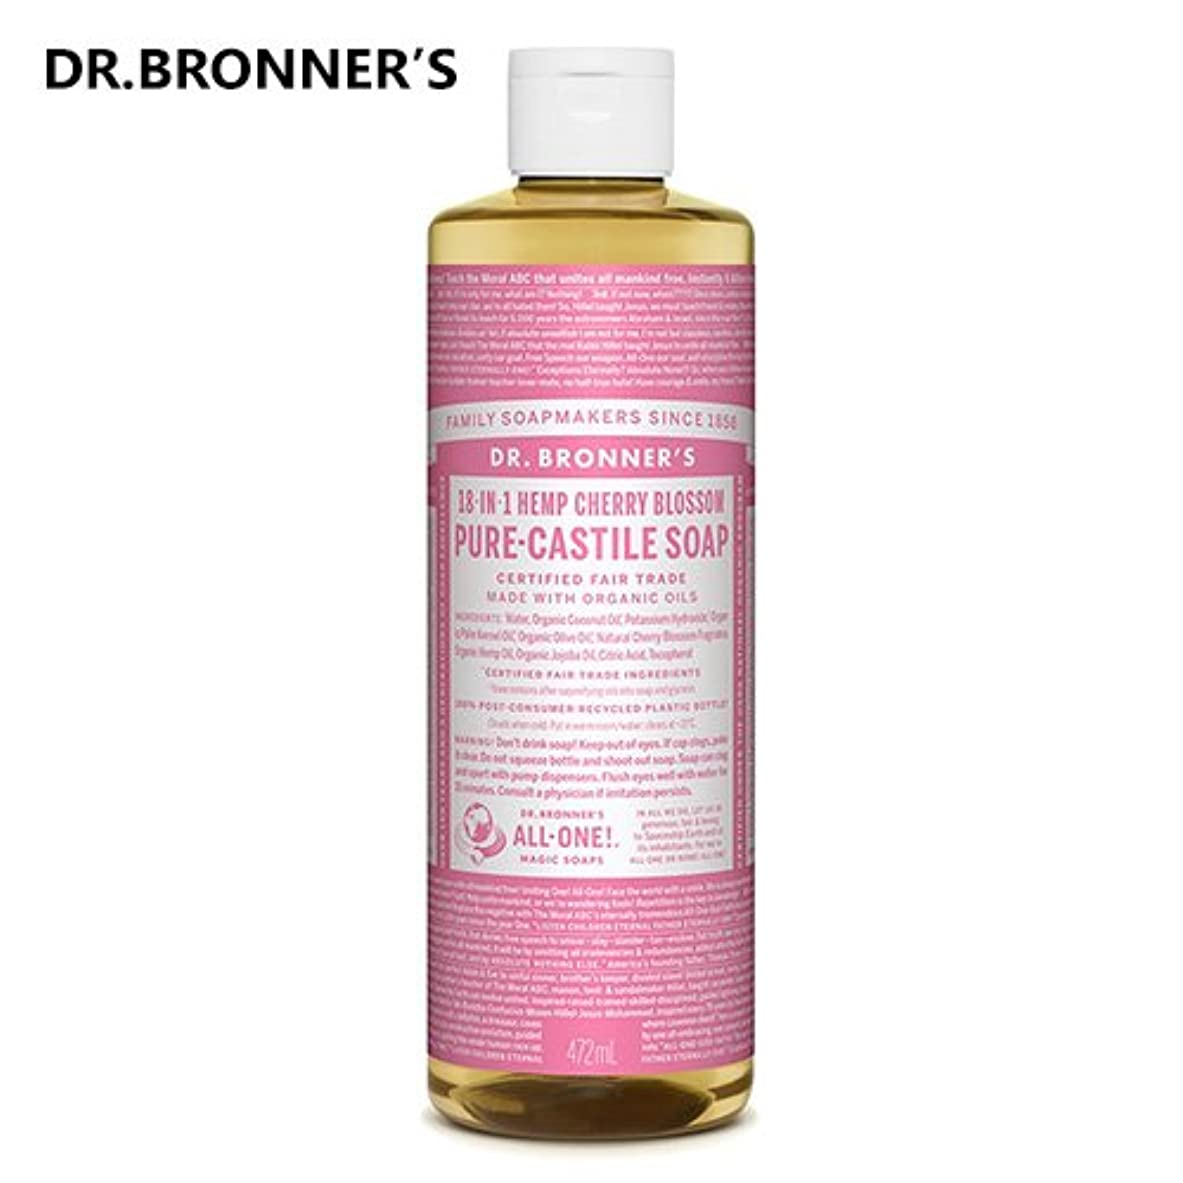 従者に関して振るうドクターブロナー マジックソープ チェリーブロッサム 472ml ドクターブロナー DR.BRONNER'S